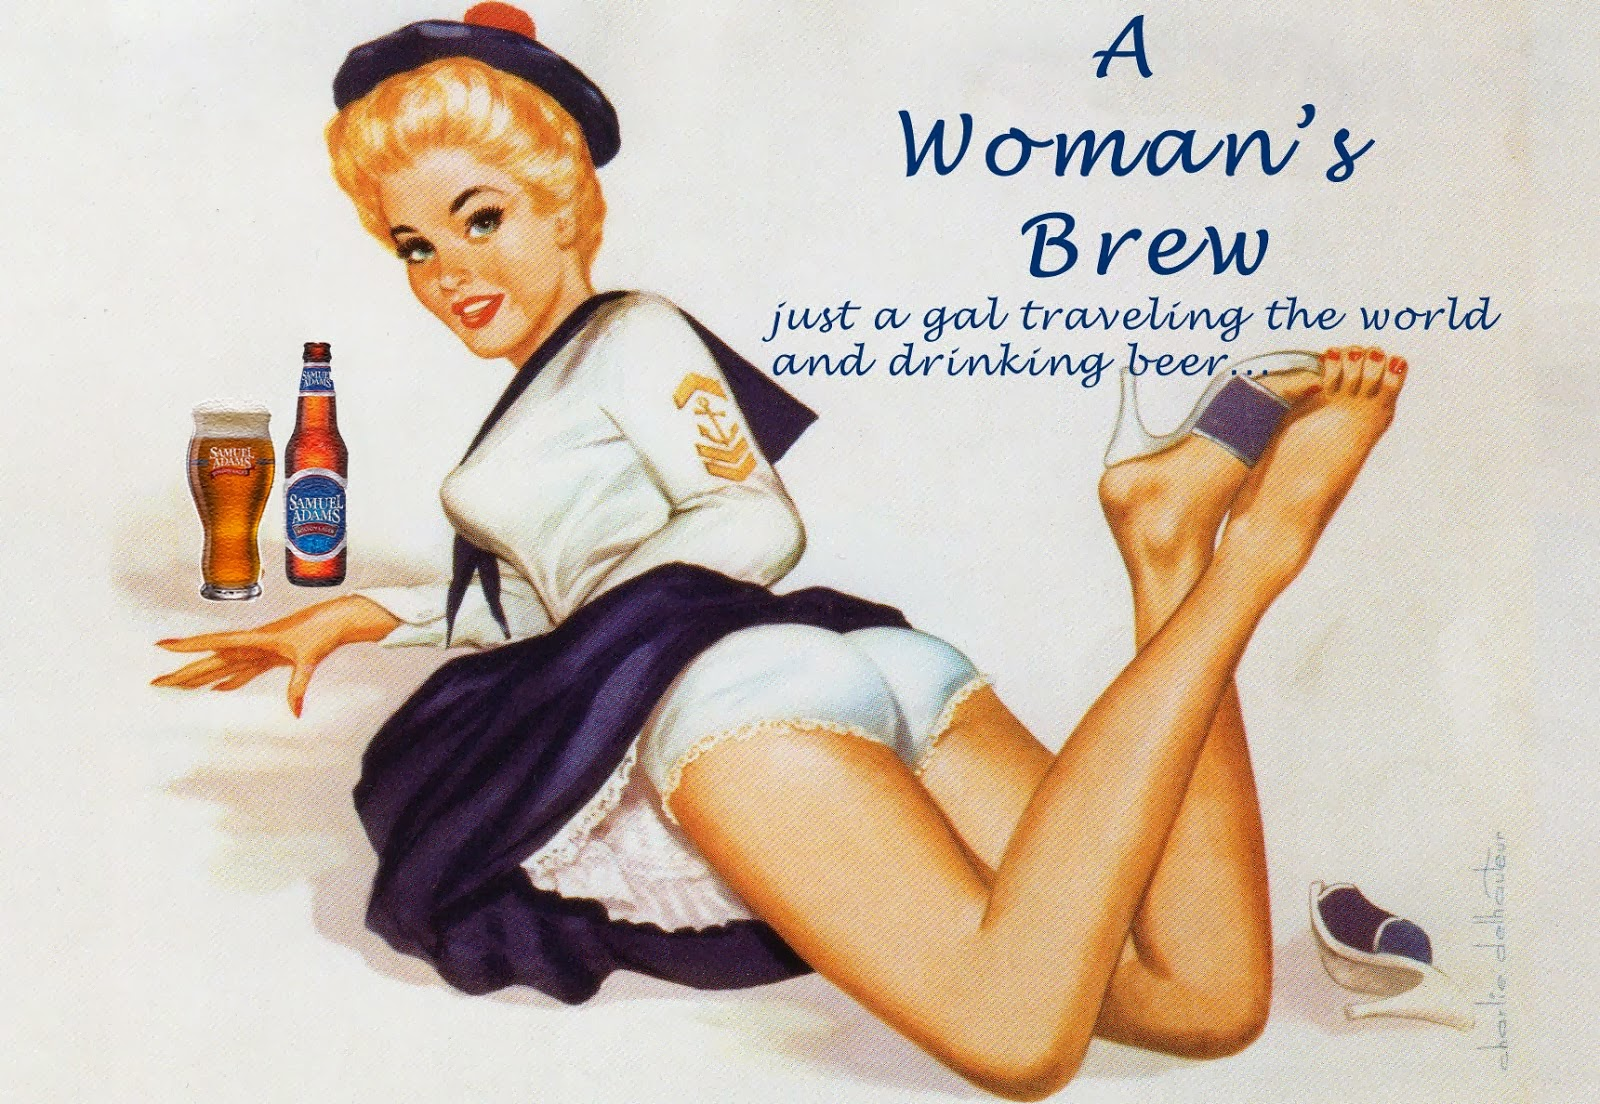 A Woman's Brew